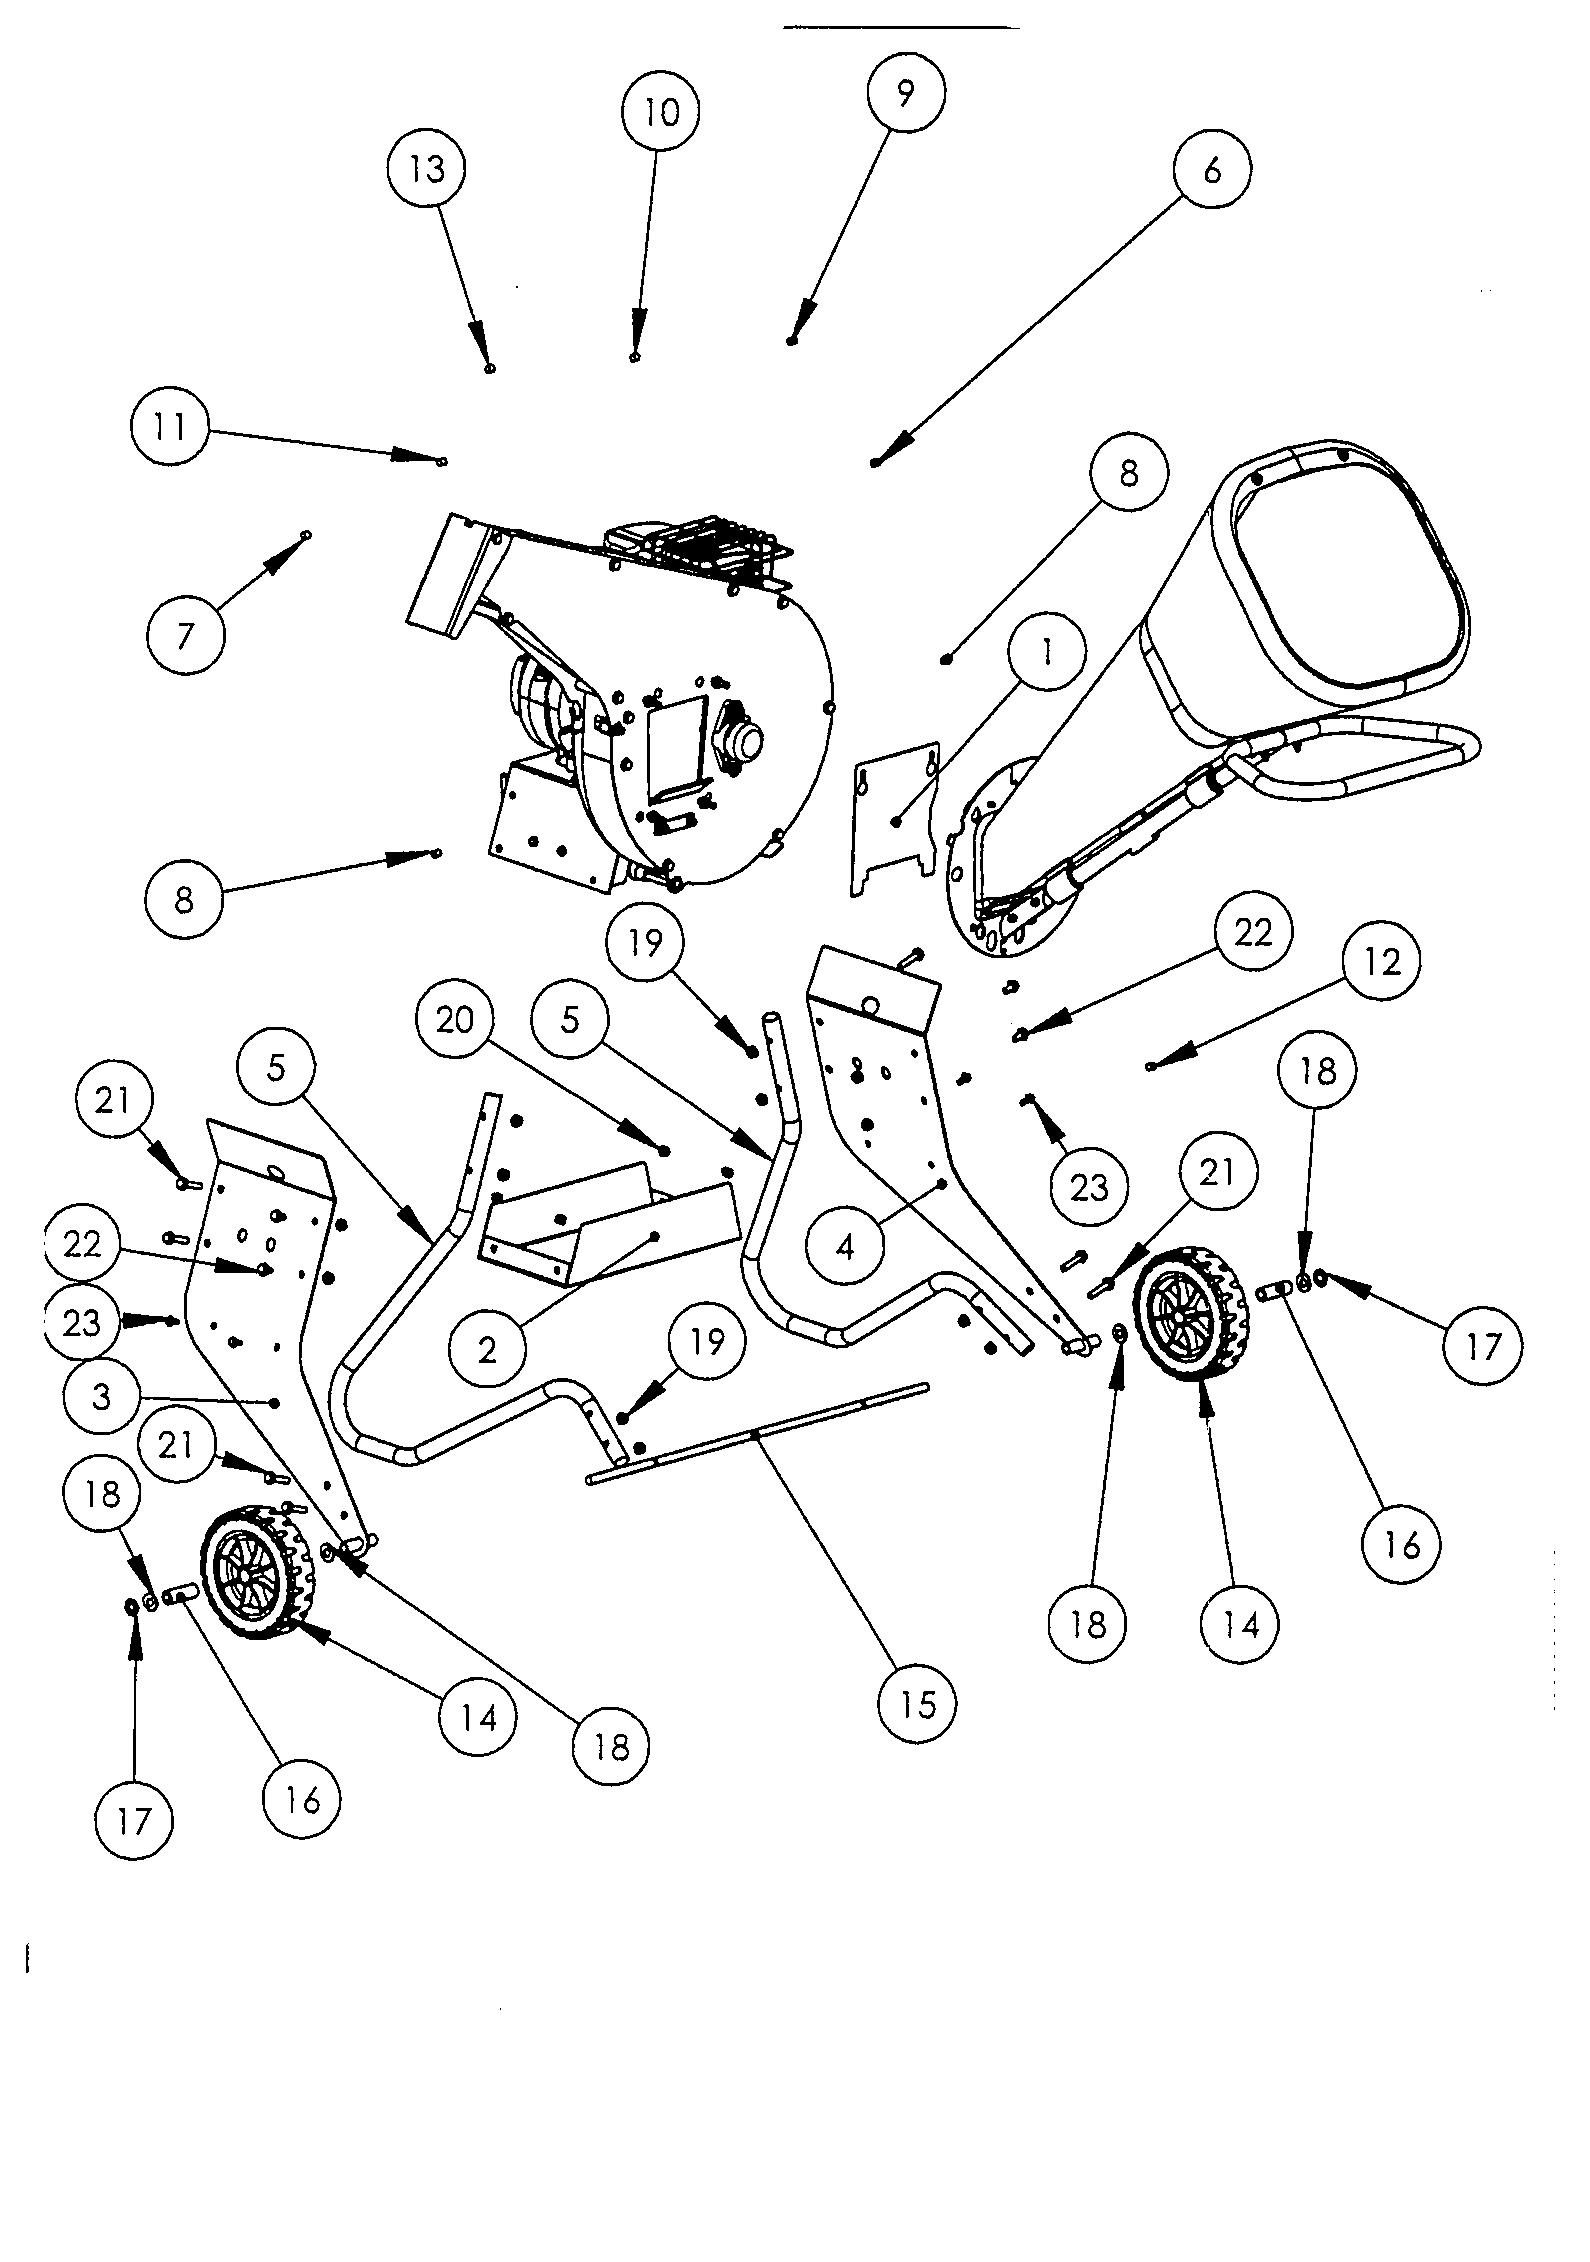 OMB 6 Broyeur à végétaux oleomac Dessins pièces vue éclatée  Châssis